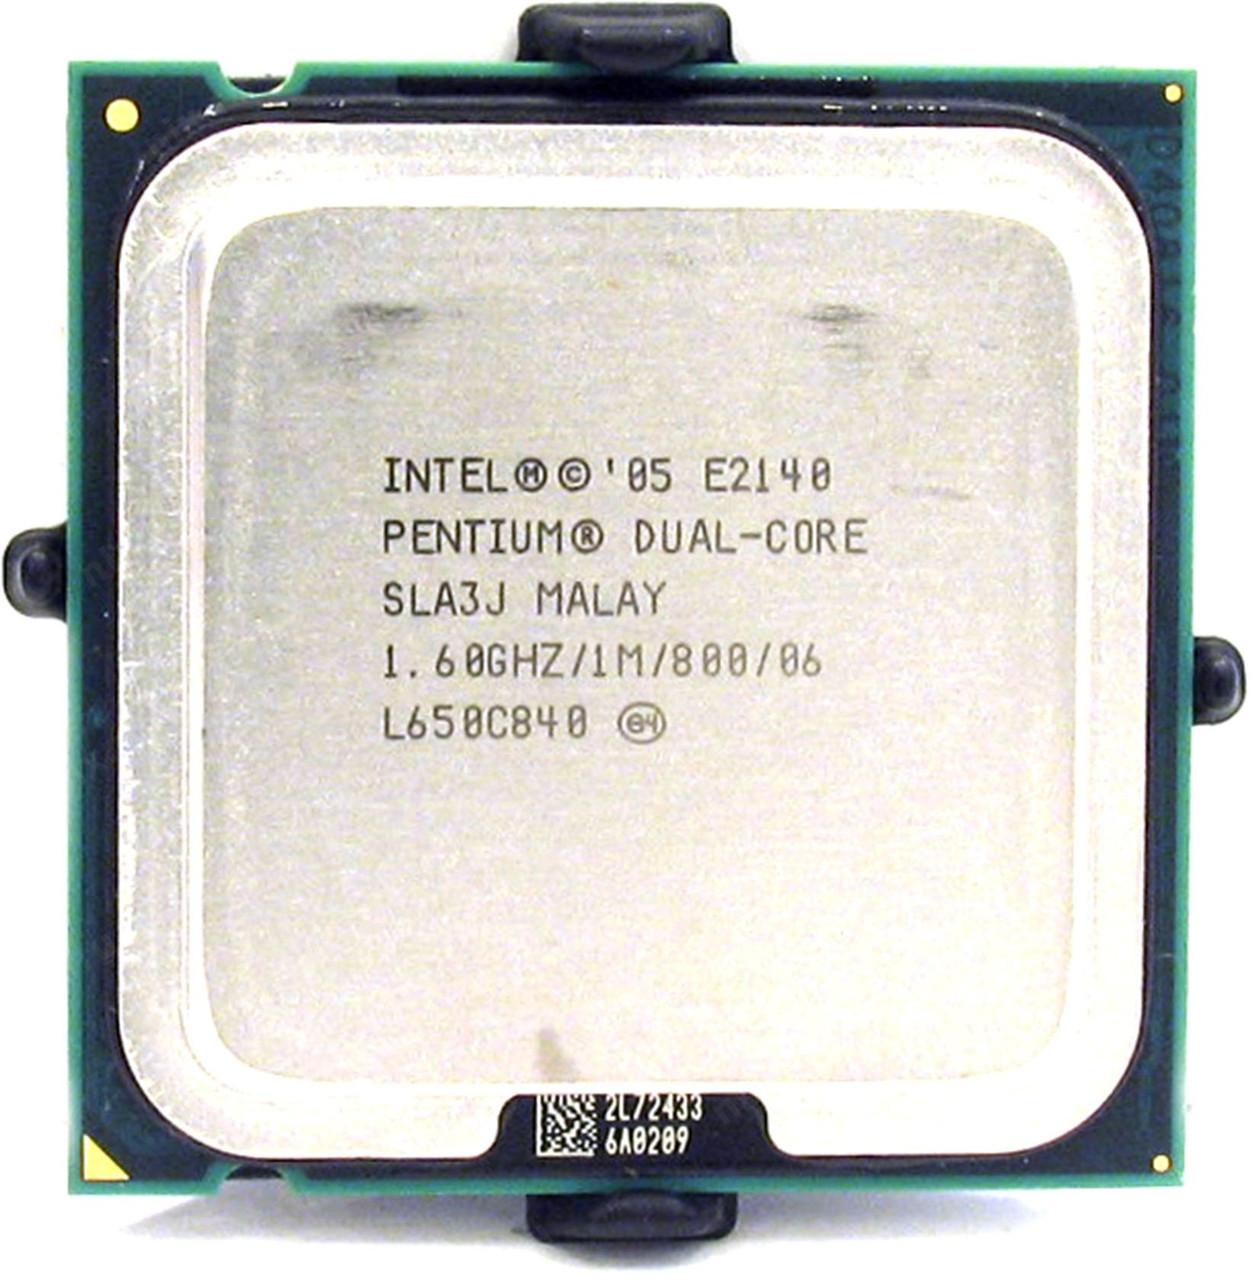 Процессор Intel Pentium Dual-Core E2140 1.60GHz/1M/800 (SLA3J) s775, tray